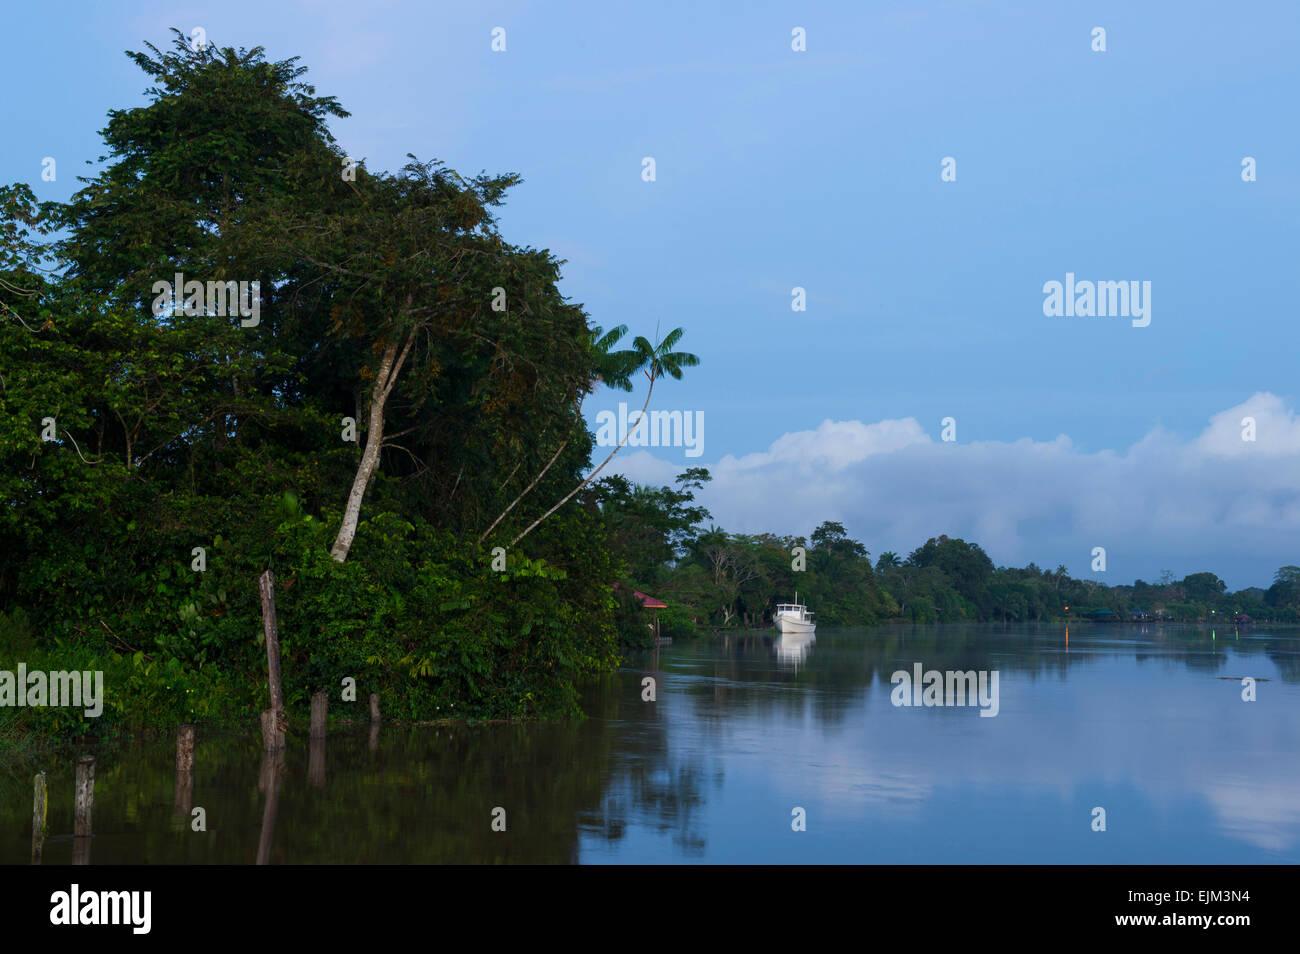 The Saramacca River at dawn, Suriname - Stock Image